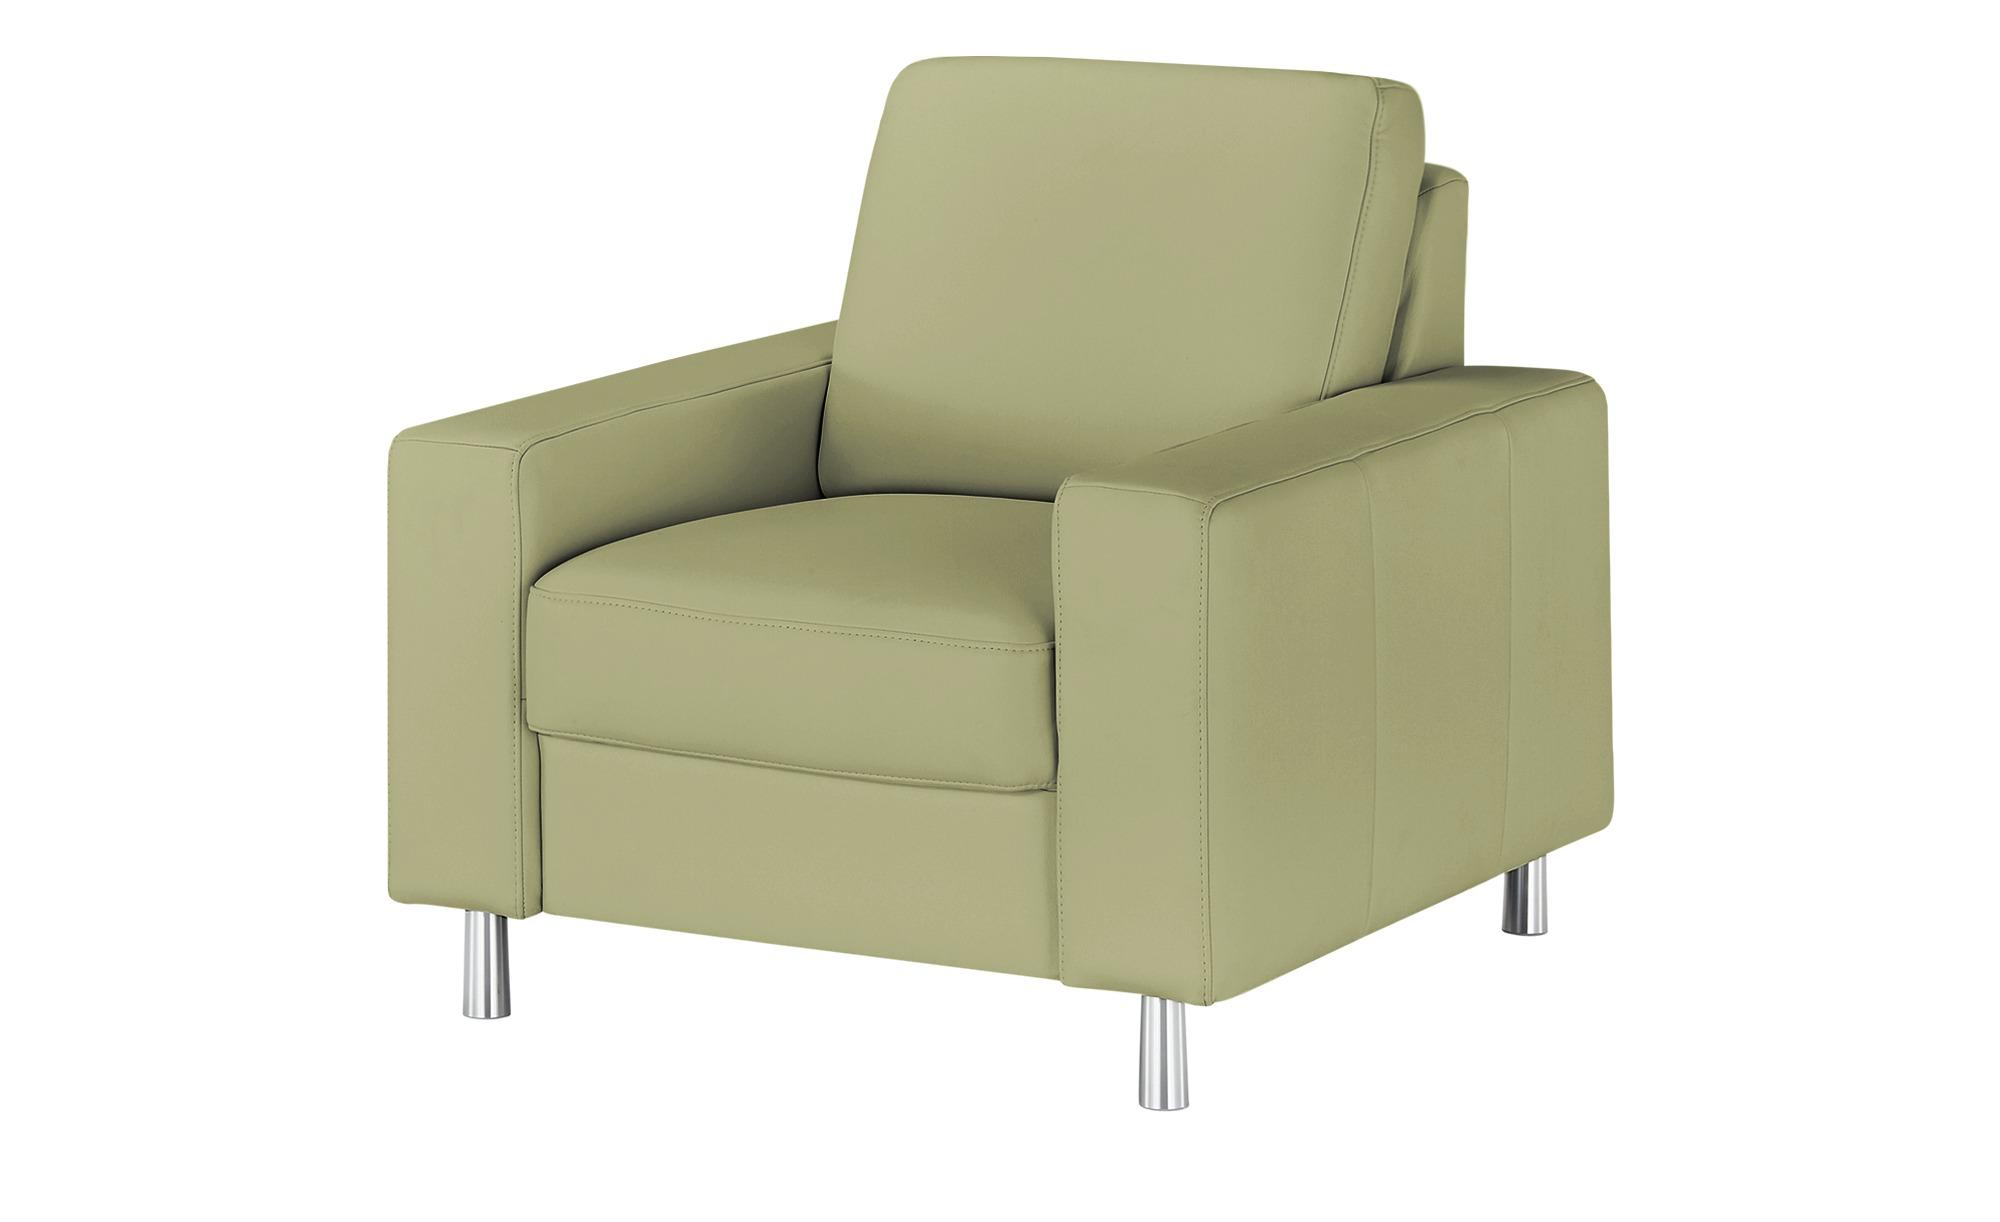 meinSofa Sessel  Byron ¦ grün ¦ Maße (cm): B: 88 H: 86 T: 95 Polstermöbel > Sessel > Ledersessel - Höffner